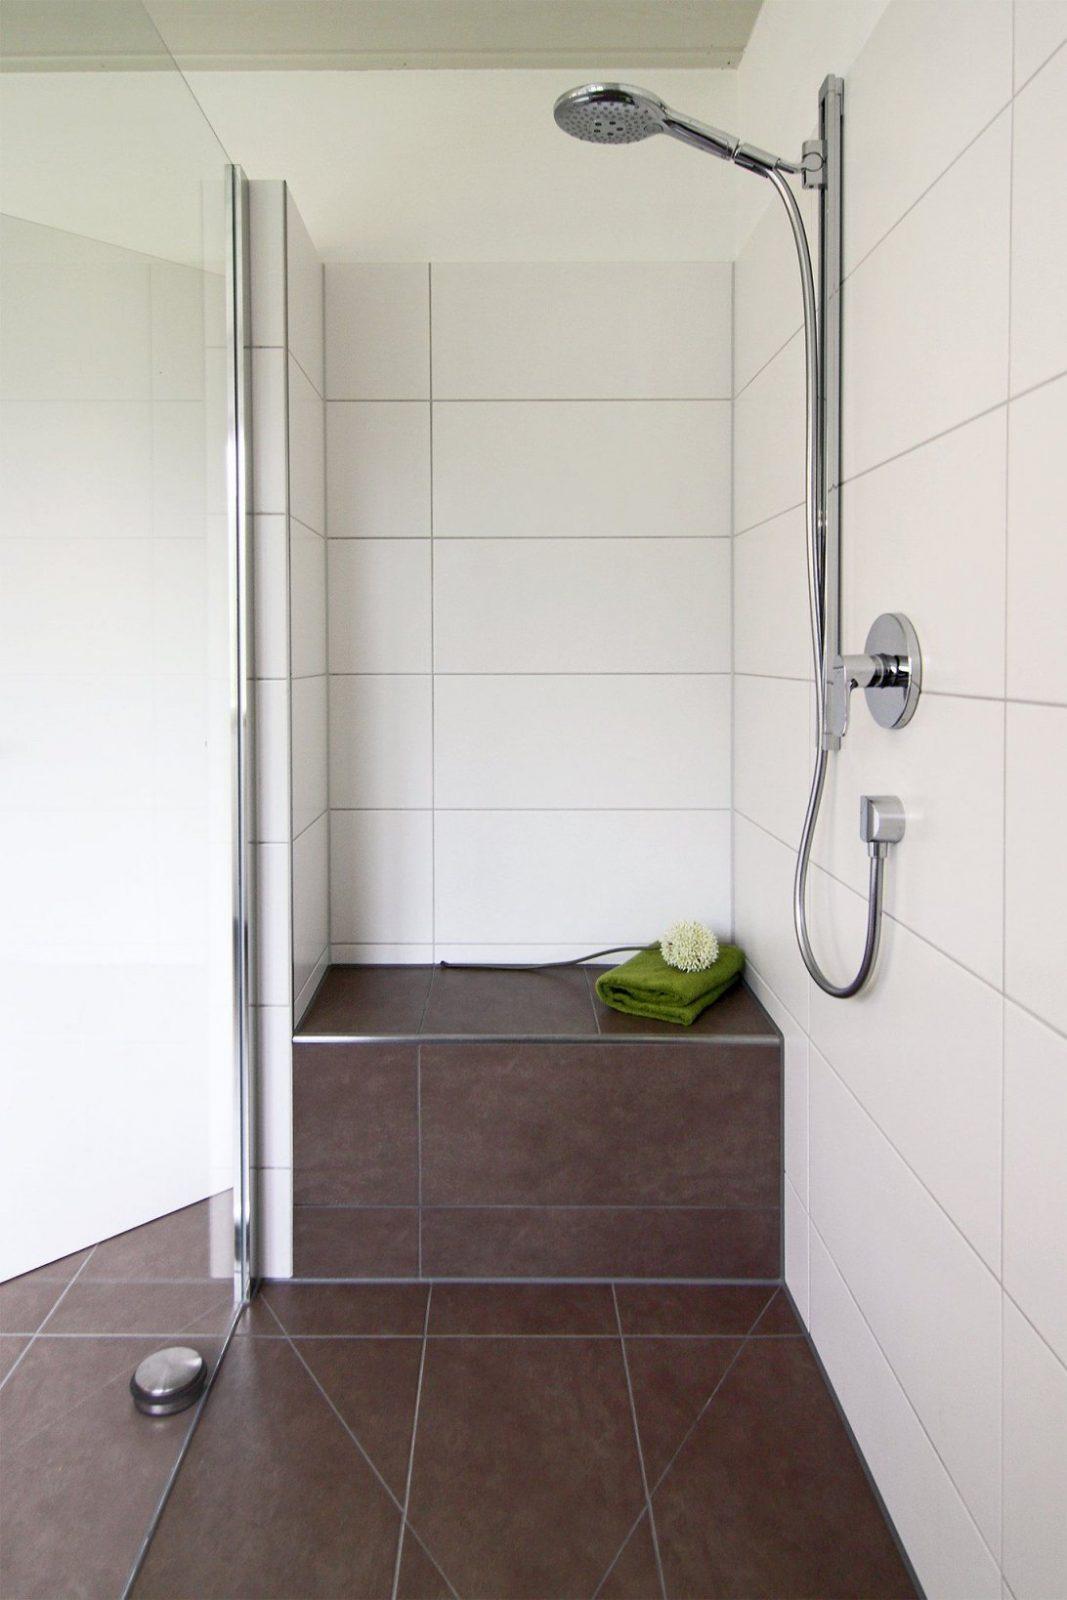 Walkinduschen In Topdesign 15 Beispiele Die Beeindrucken In von Begehbare Dusche Mit Sitzbank Photo